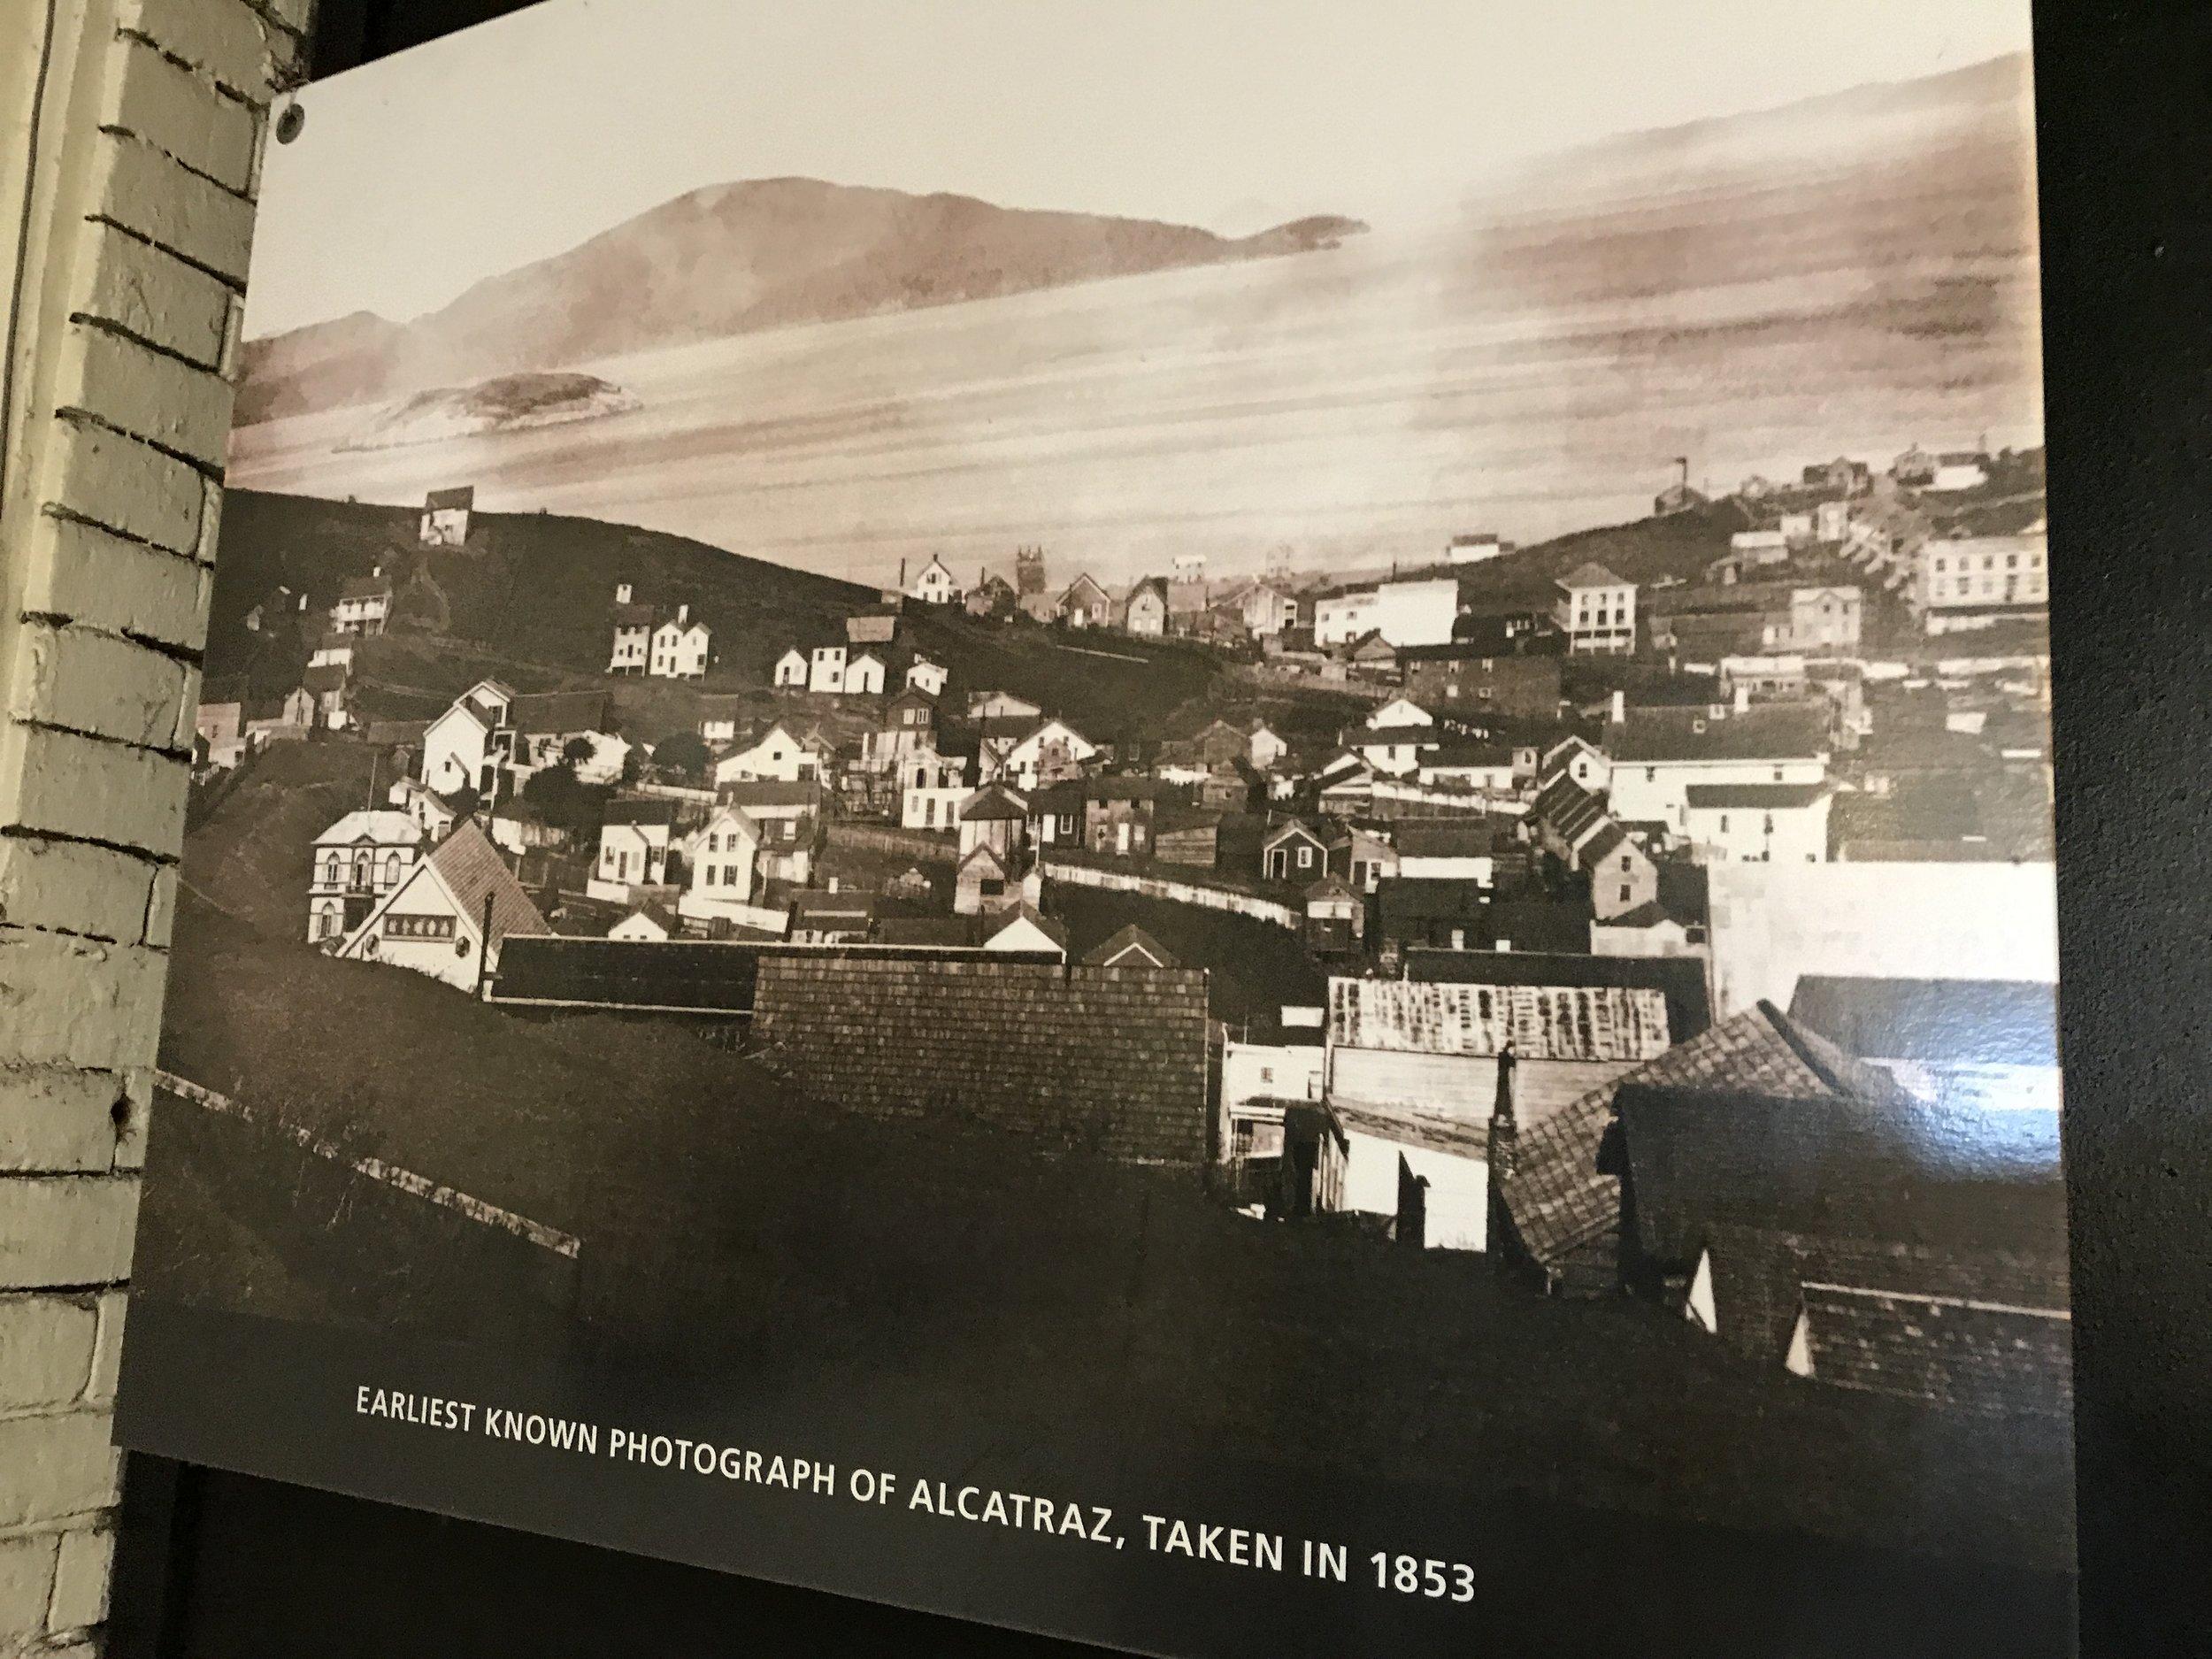 """""""Earliest known photograph of Alcatraz, taken in 1853."""""""